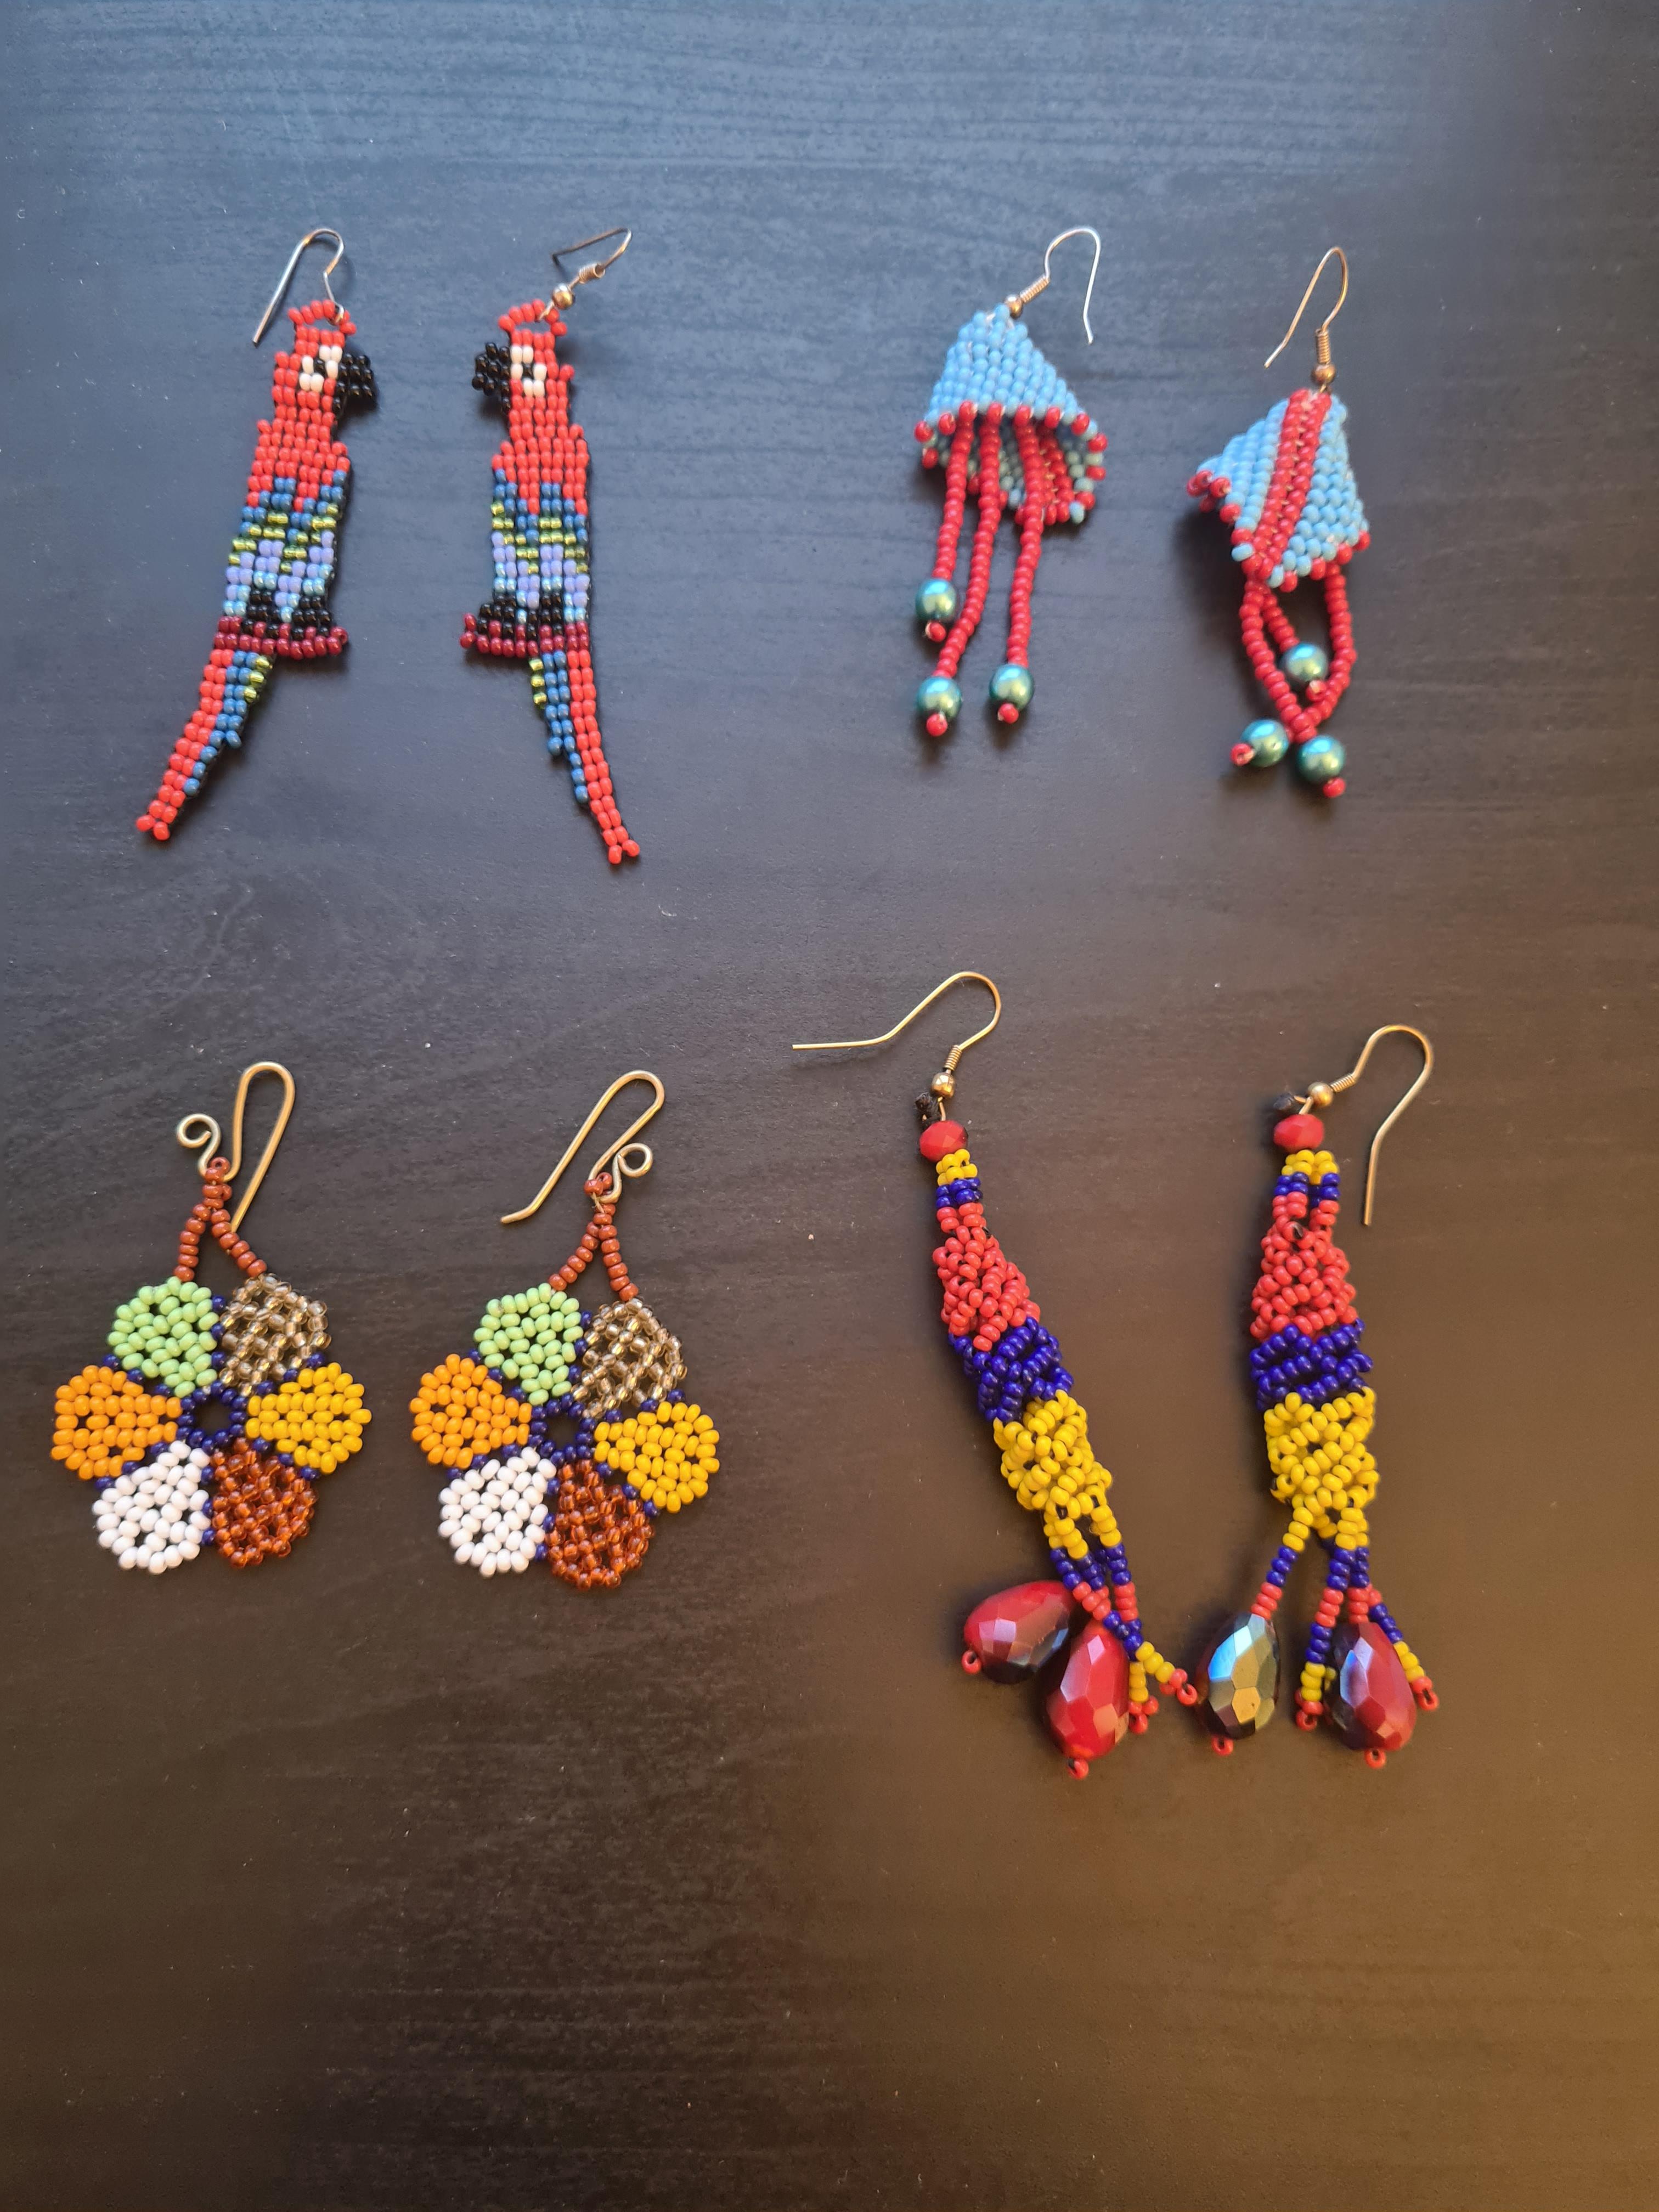 Fyra par örhängen gjord i glaspärlor i form av papegojor, en har blommor och är hängande med lite större pärlor